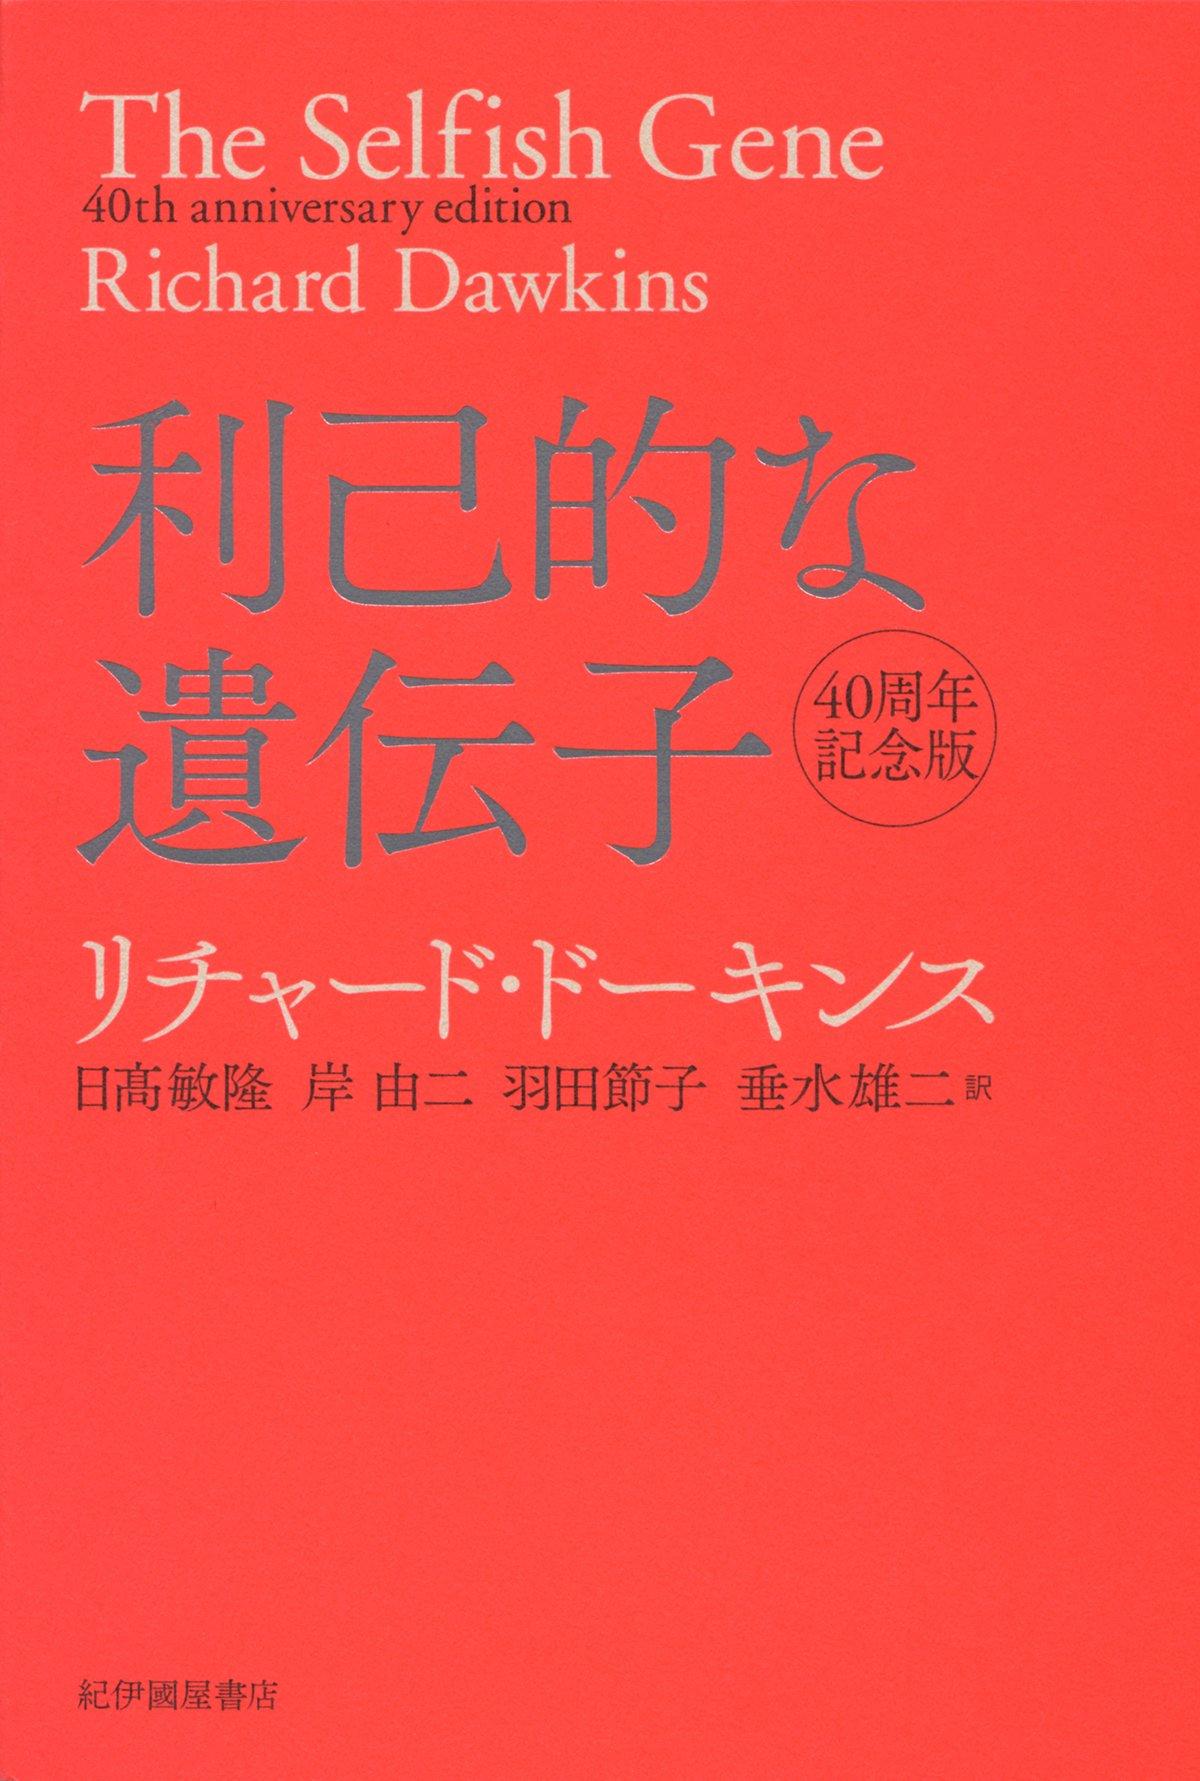 利己的な遺伝子 40周年記念版 | リチャード・ドーキンス, 日髙敏隆, 岸 ...